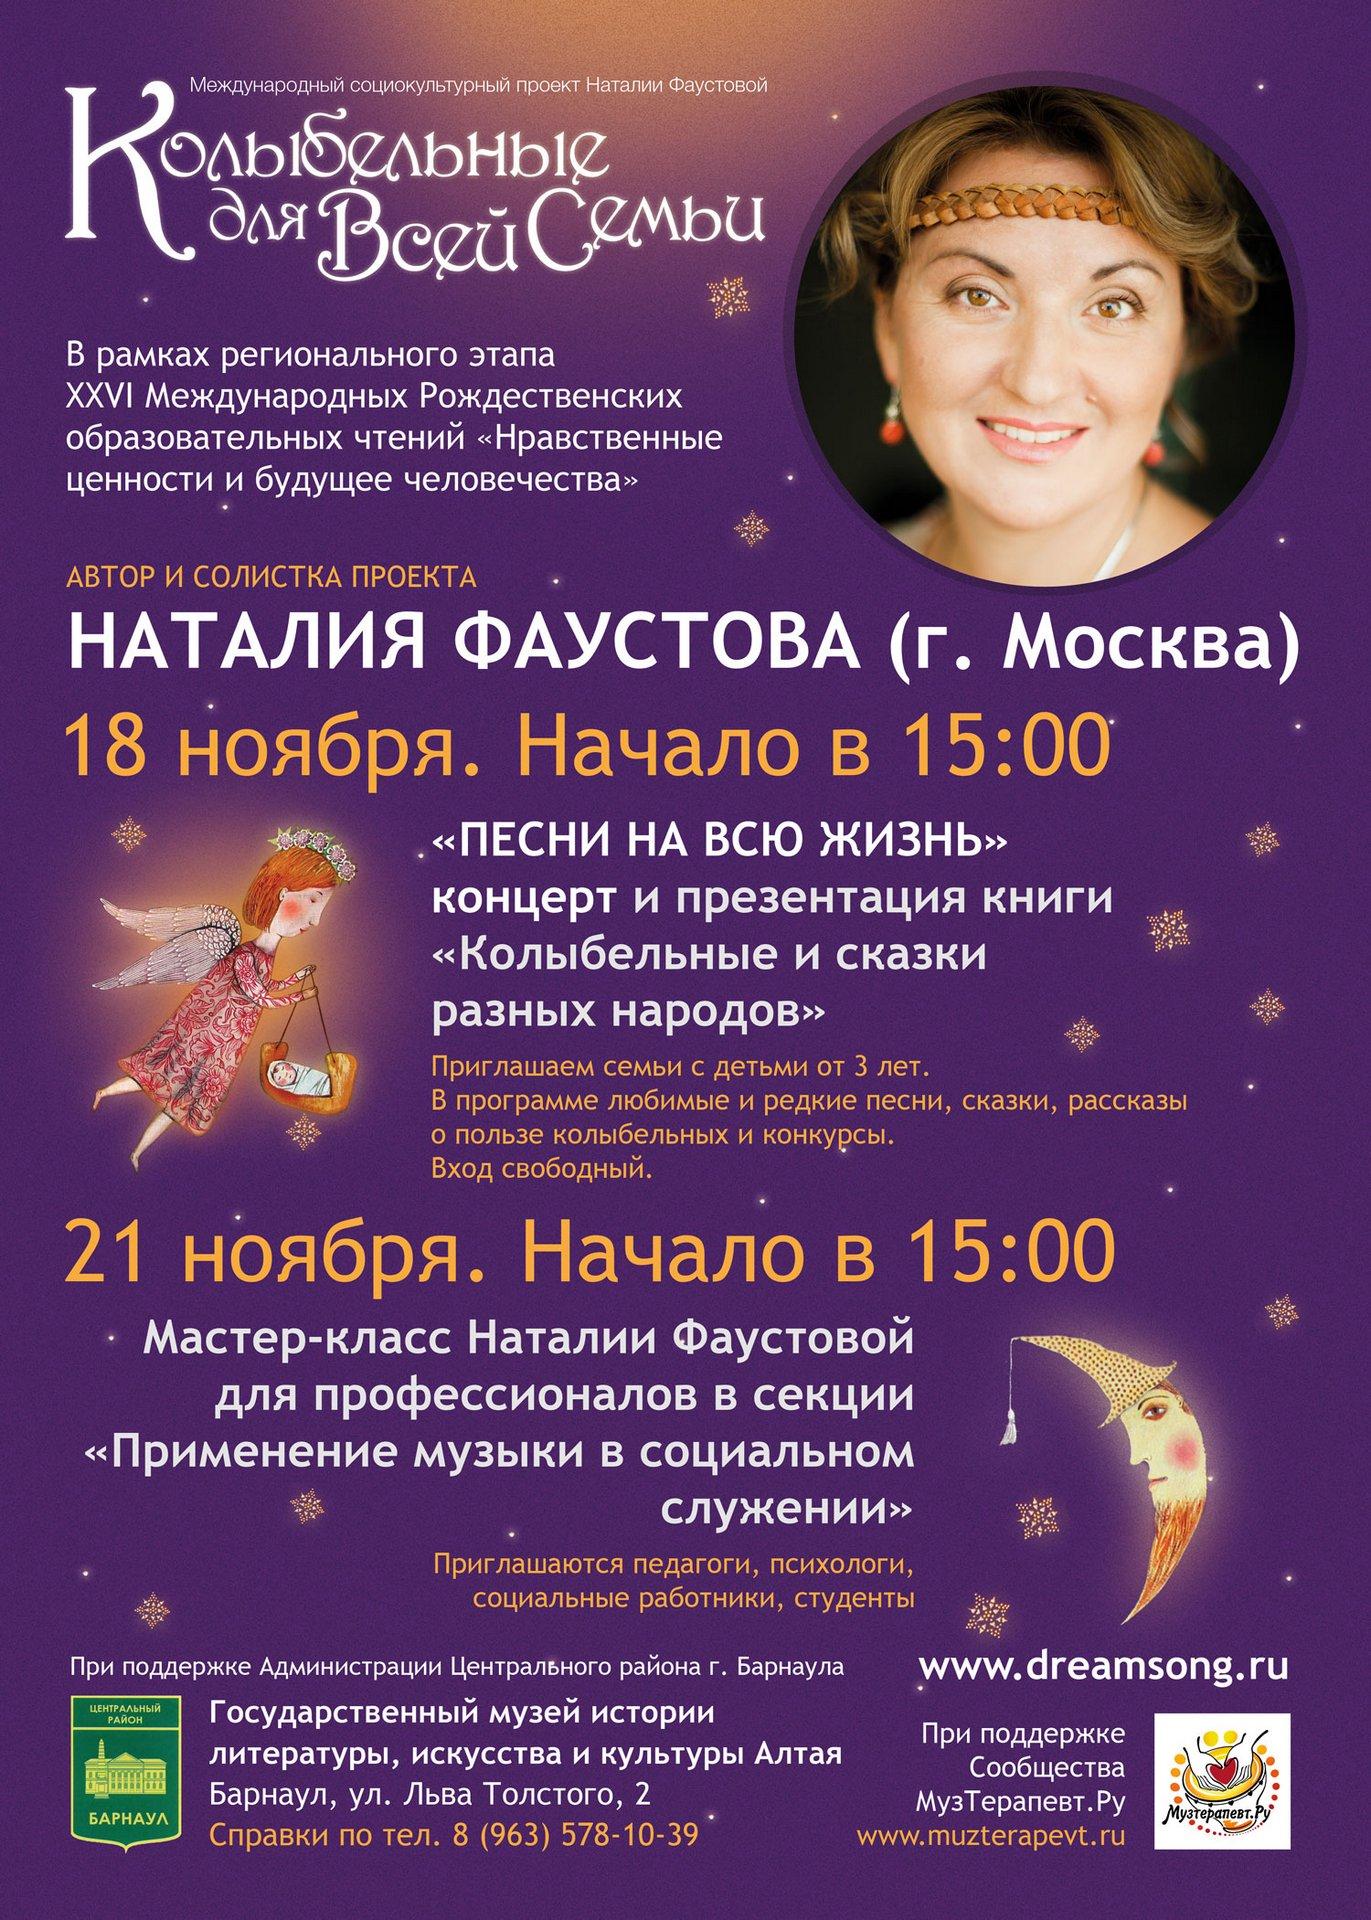 Интерактивный концерт Наталии Фаустовой  - афиша